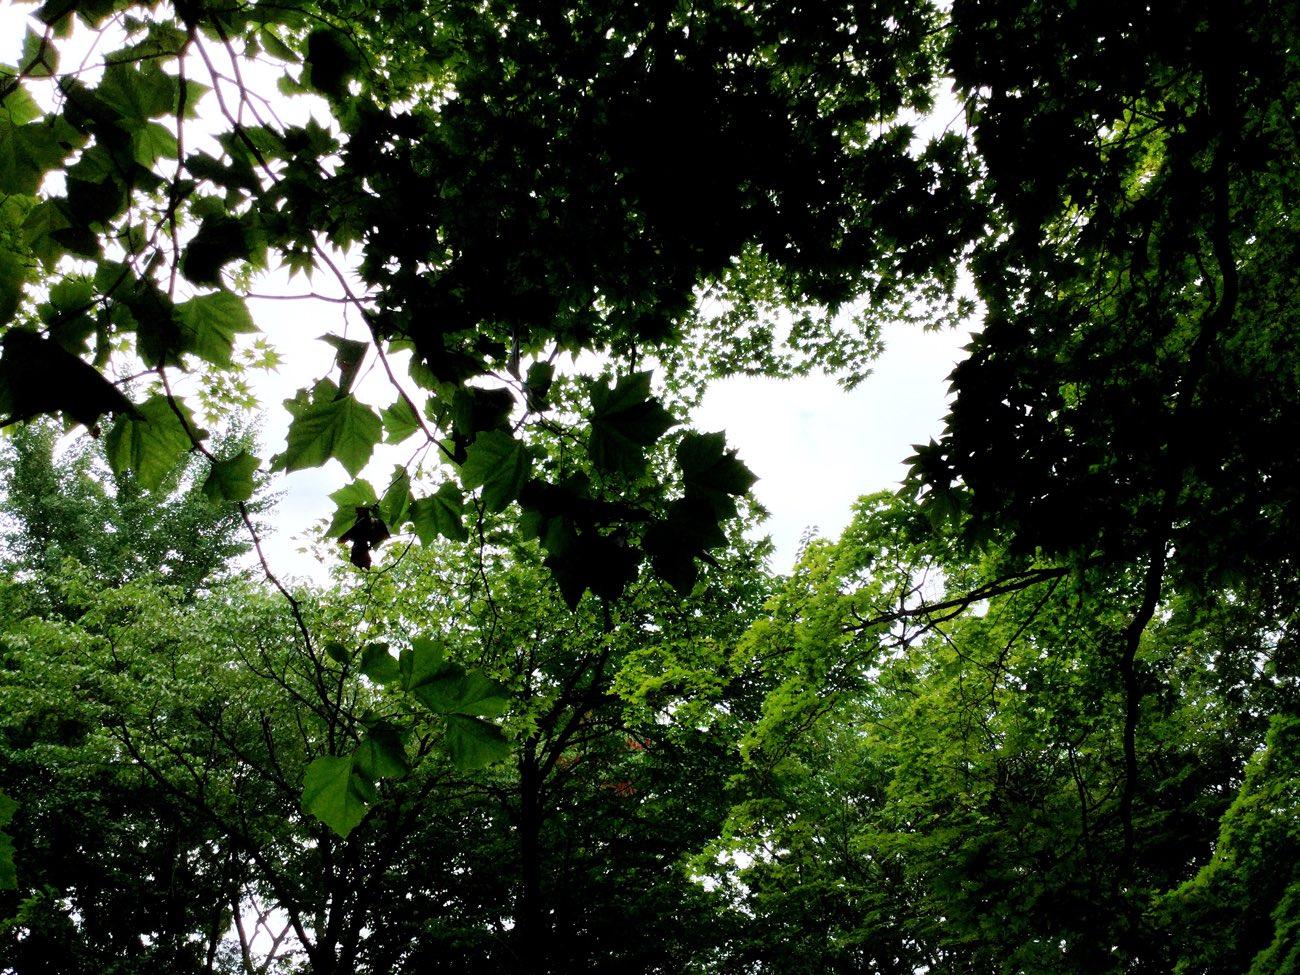 カエデの葉っぱ